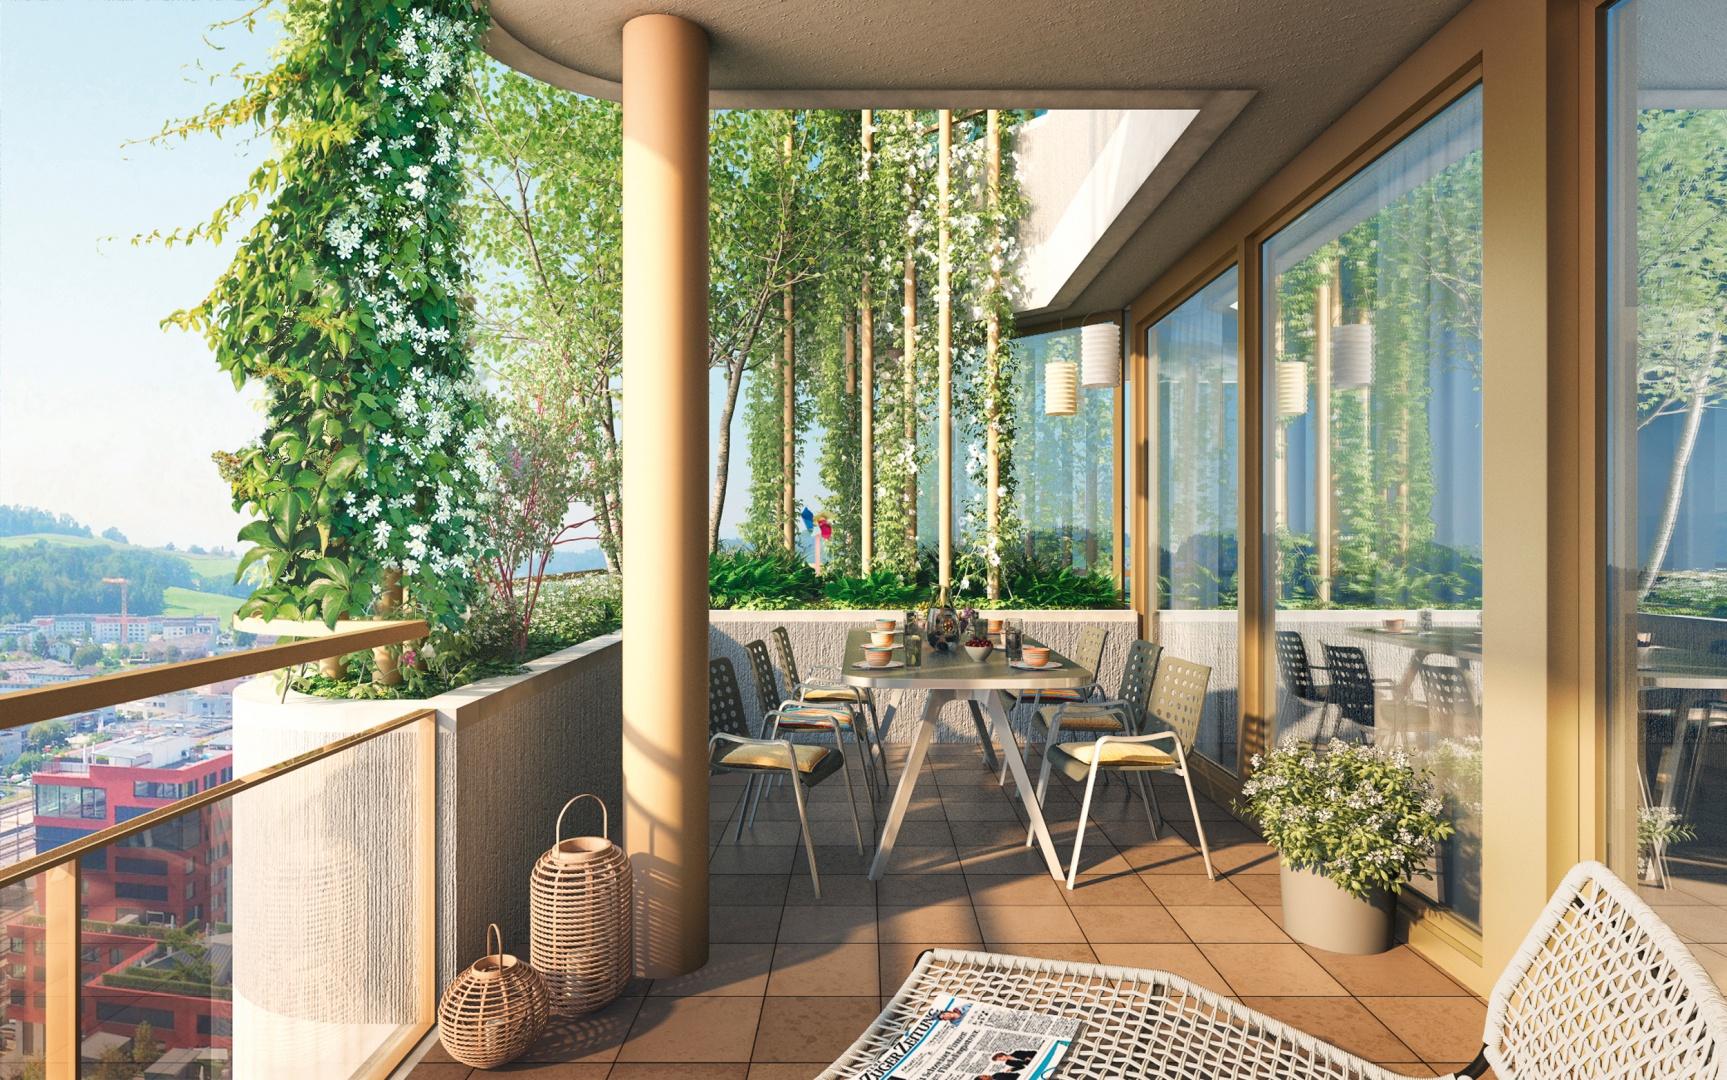 Balkonbegrünung Sommer © Raumgleiter GmbH, Pfingstweidstrasse 106, 8005 Zürich